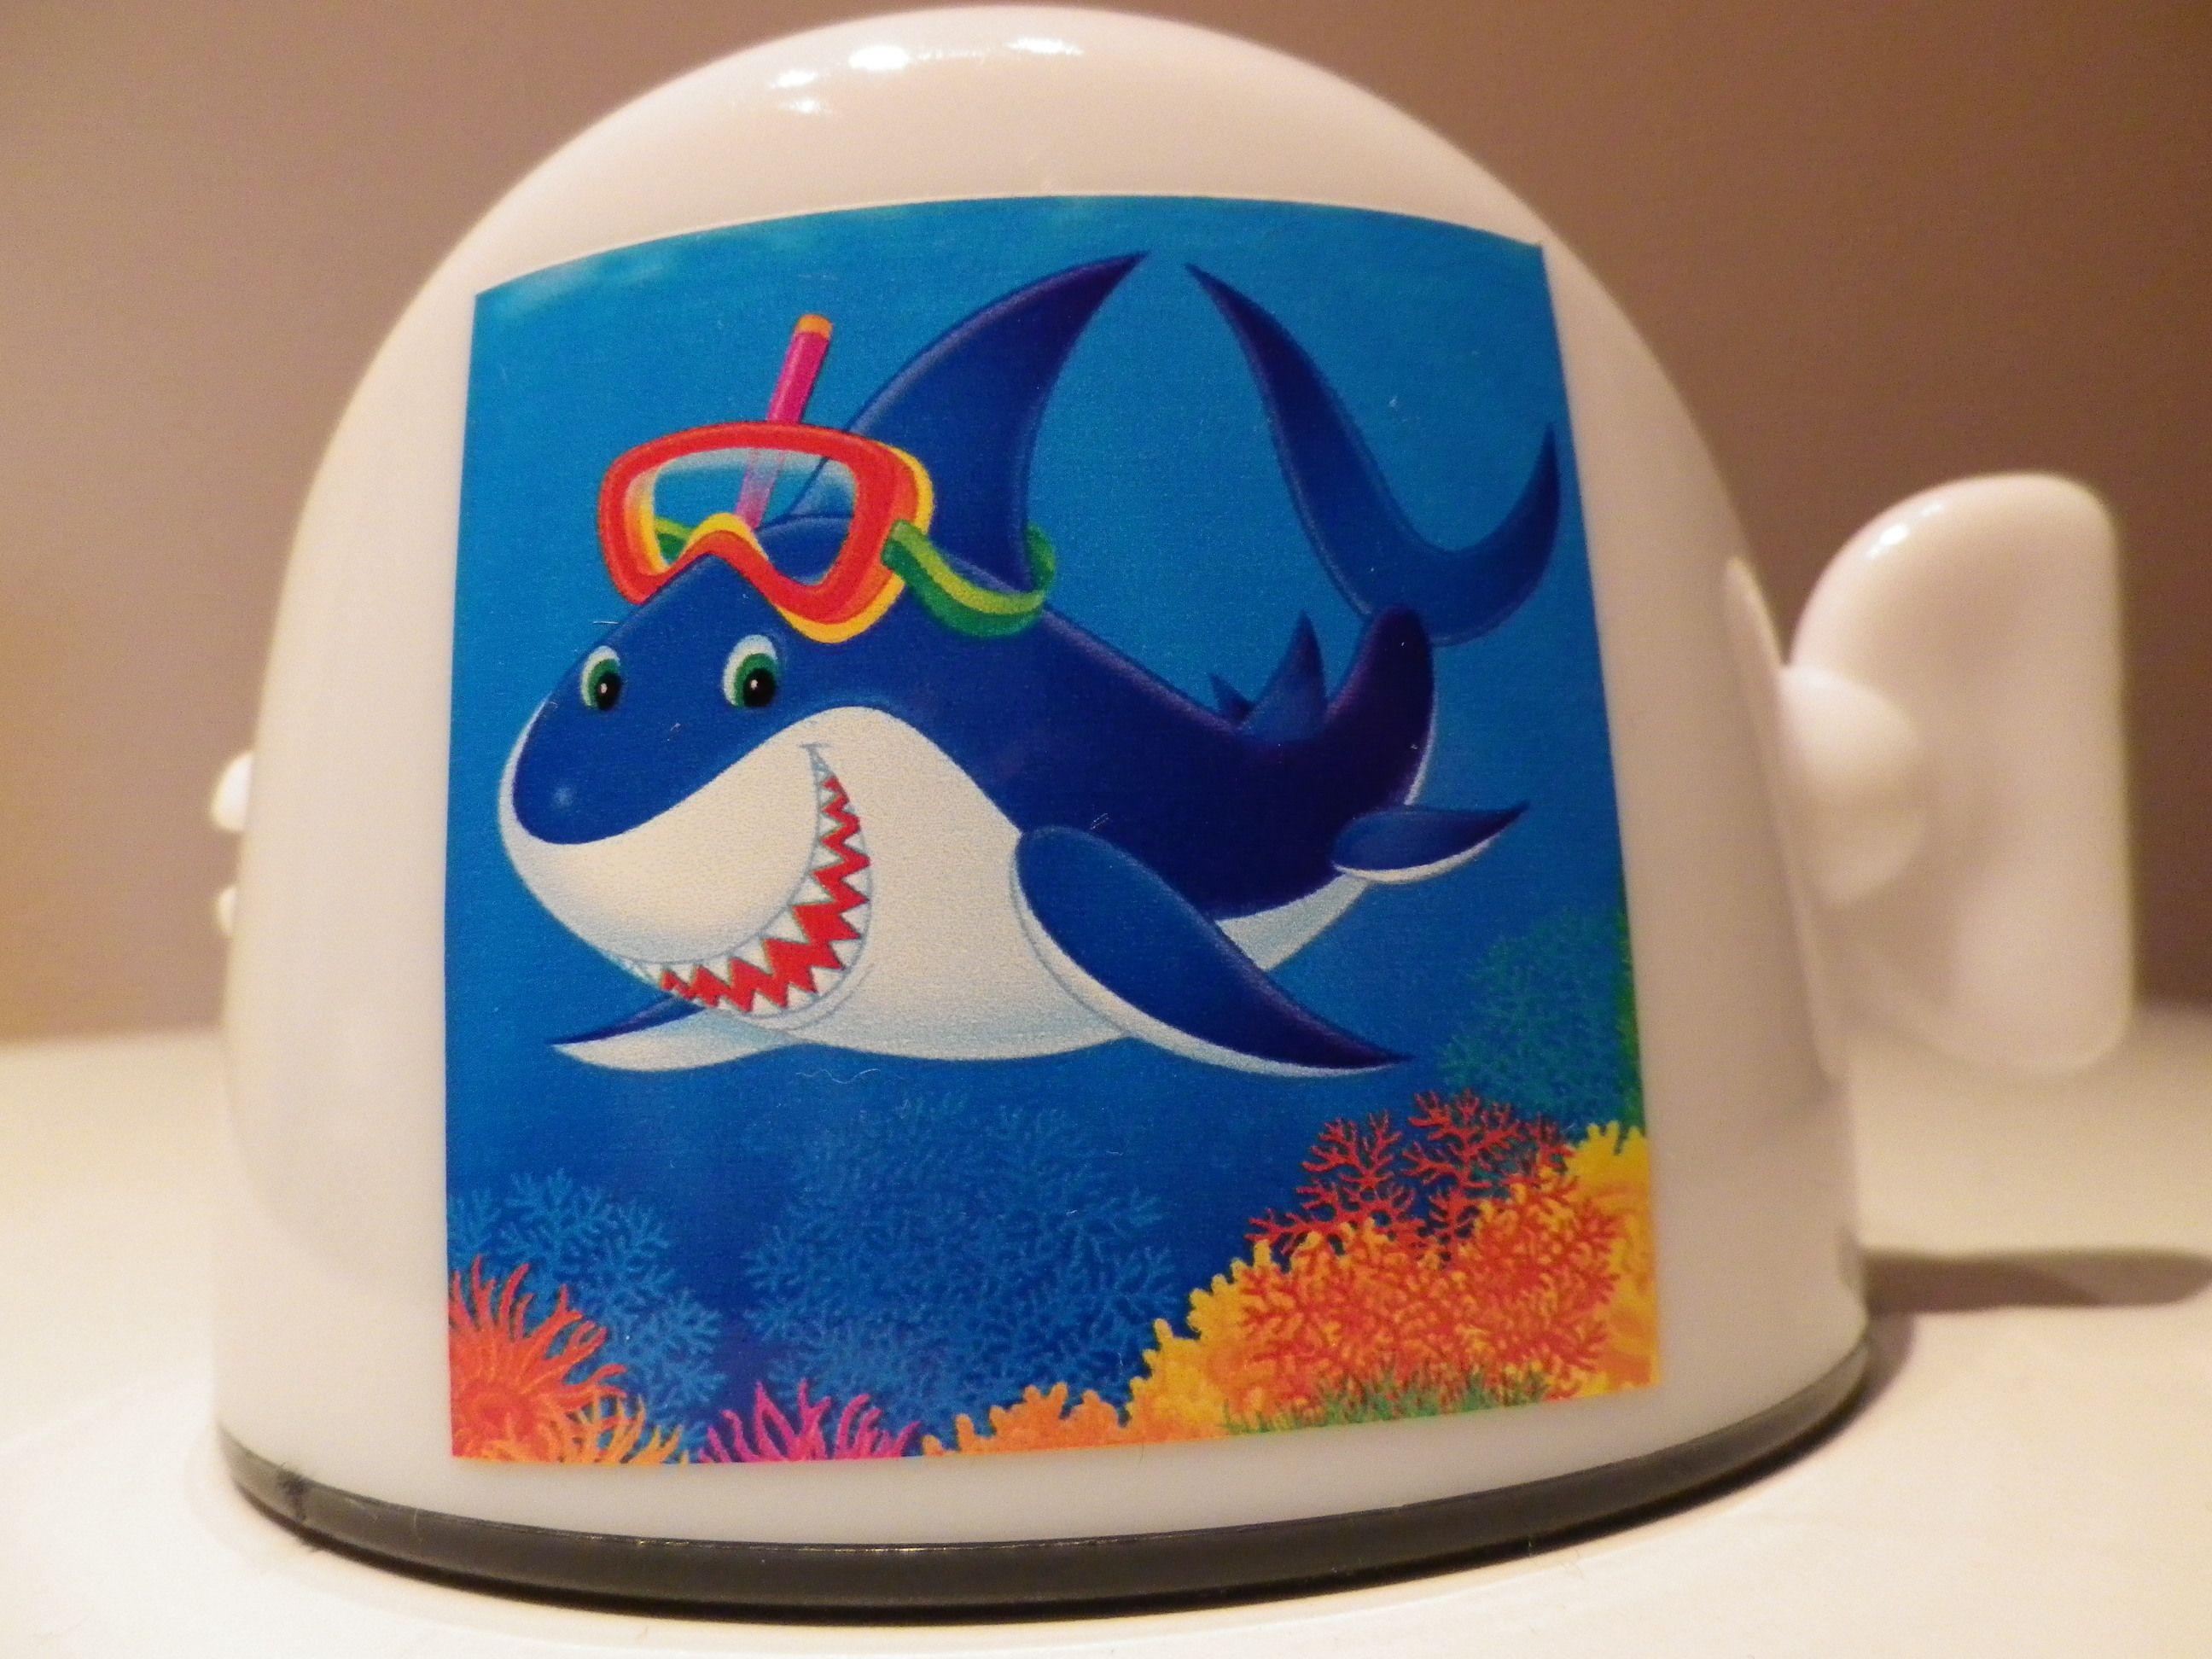 Scuba Shark - an Audubon Institute Aquarium of the Americas design!